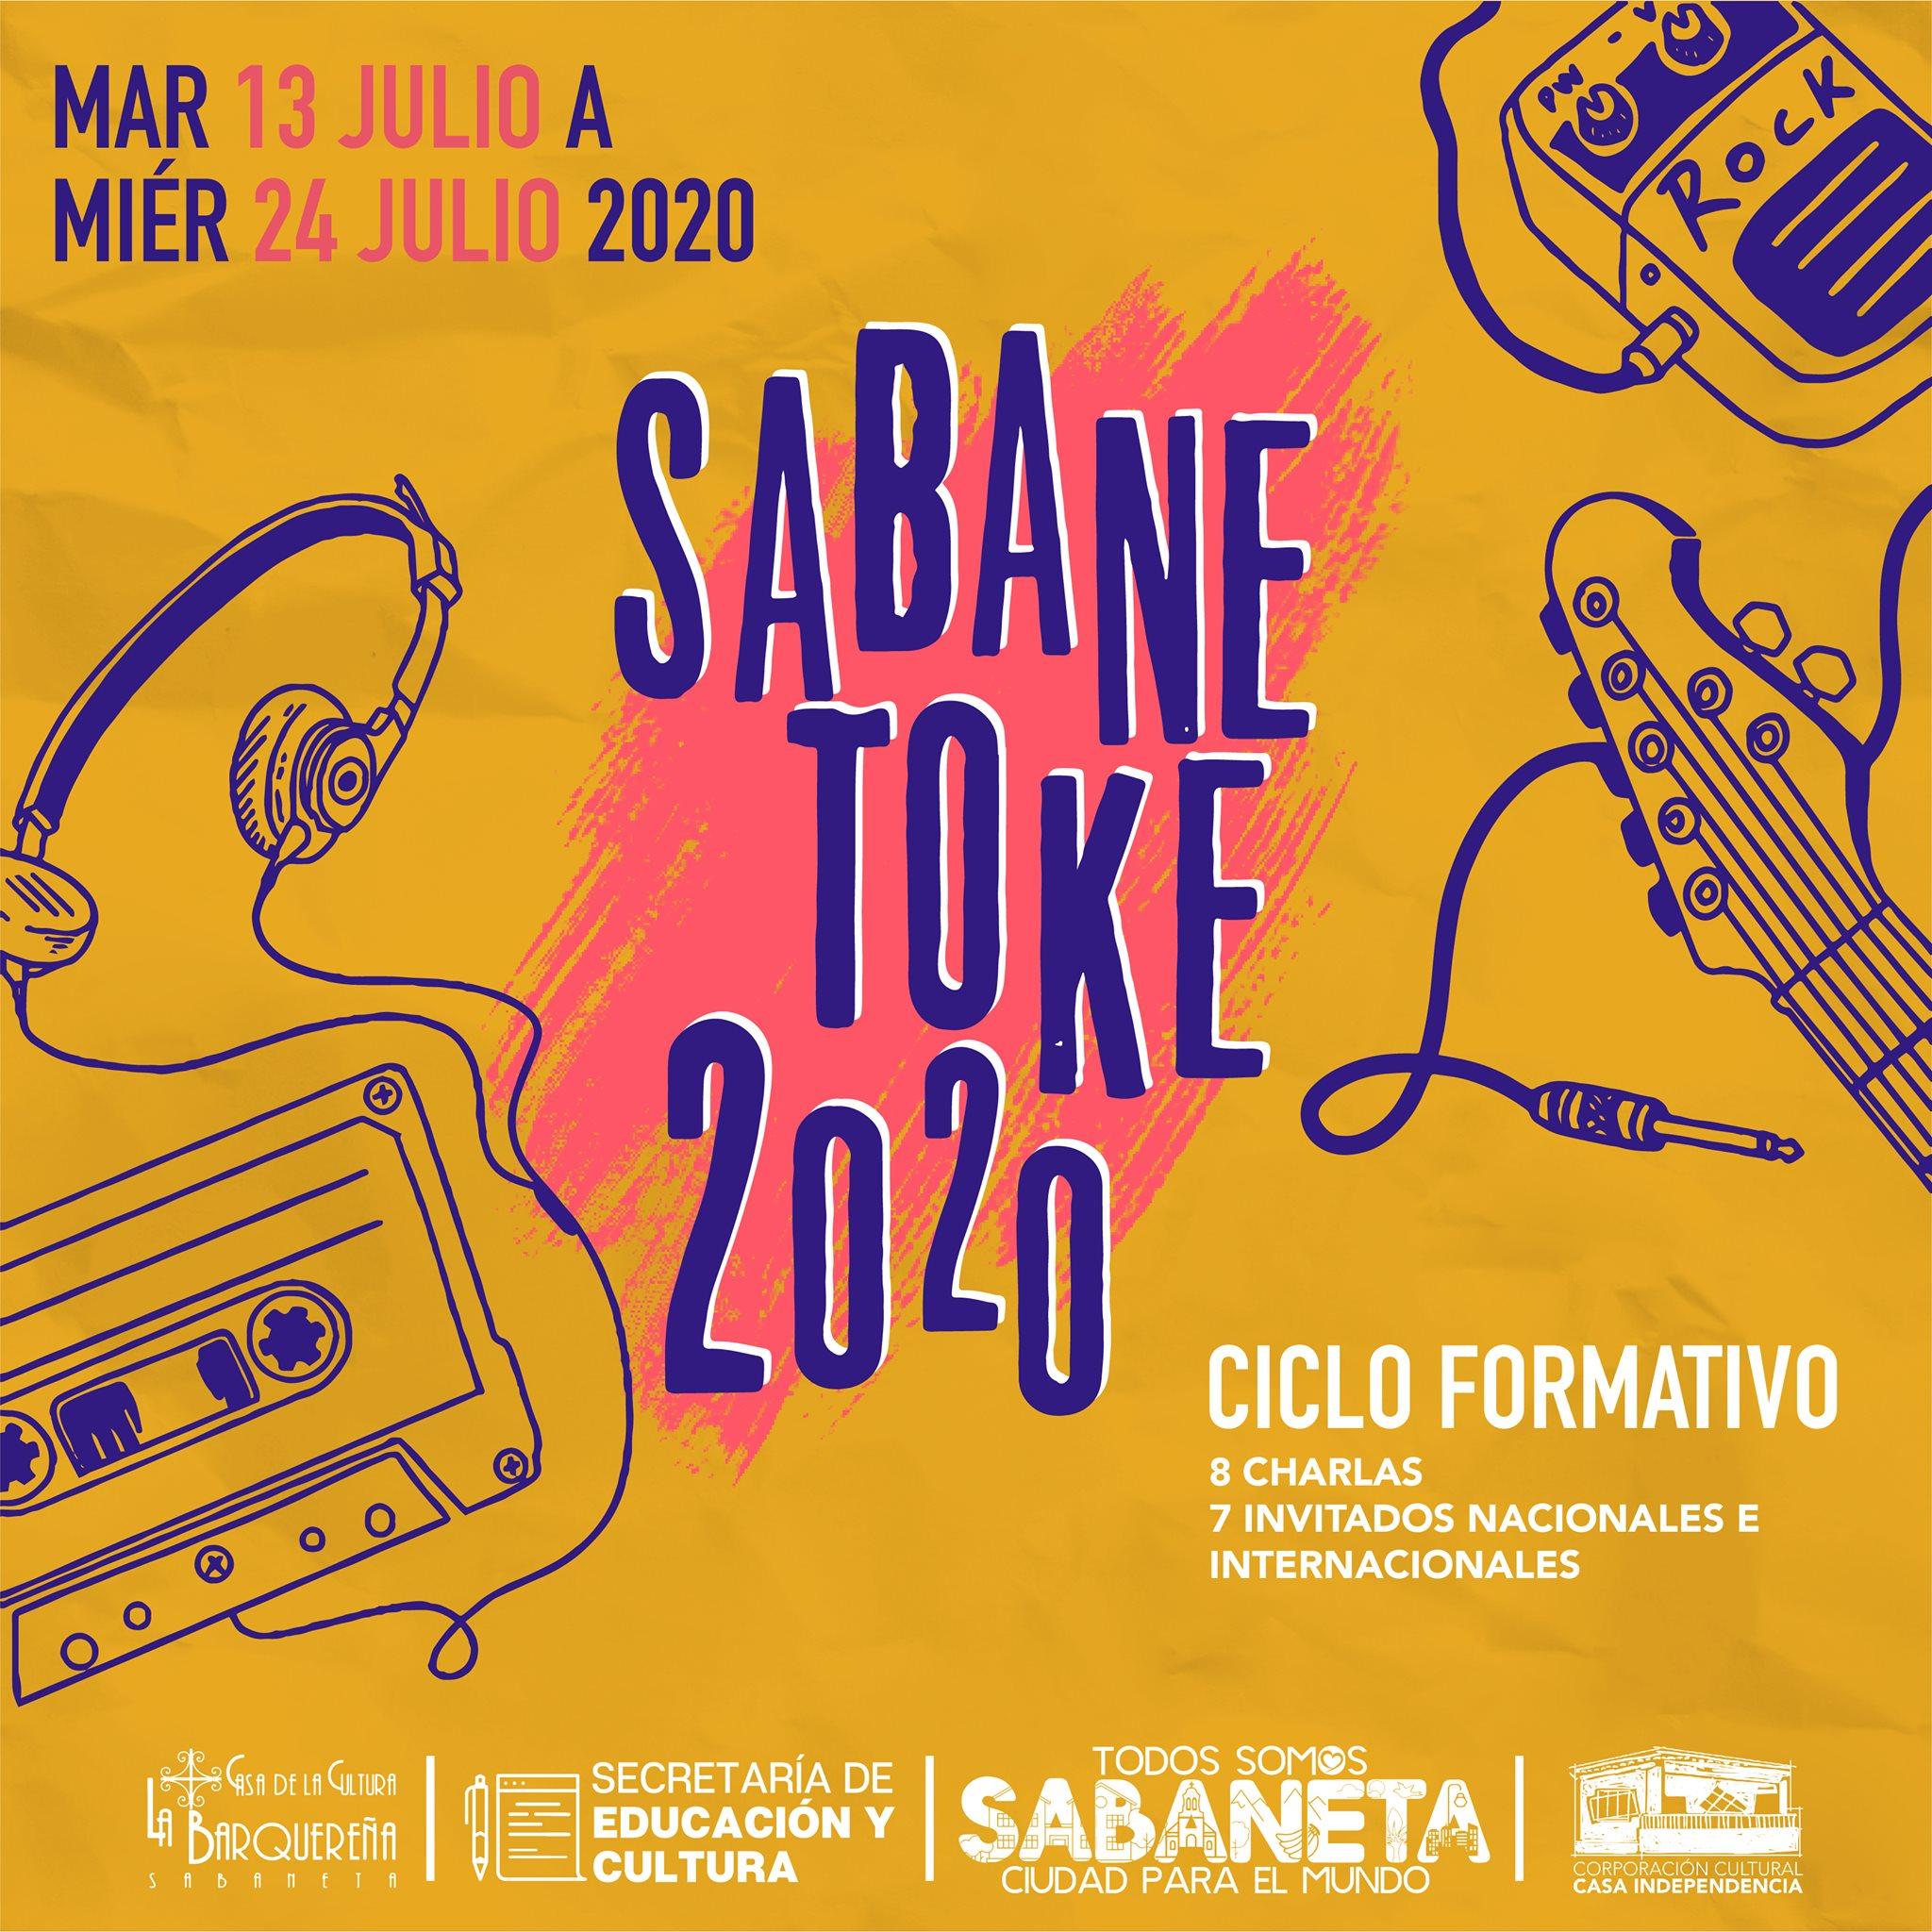 Sabanetoke 2020